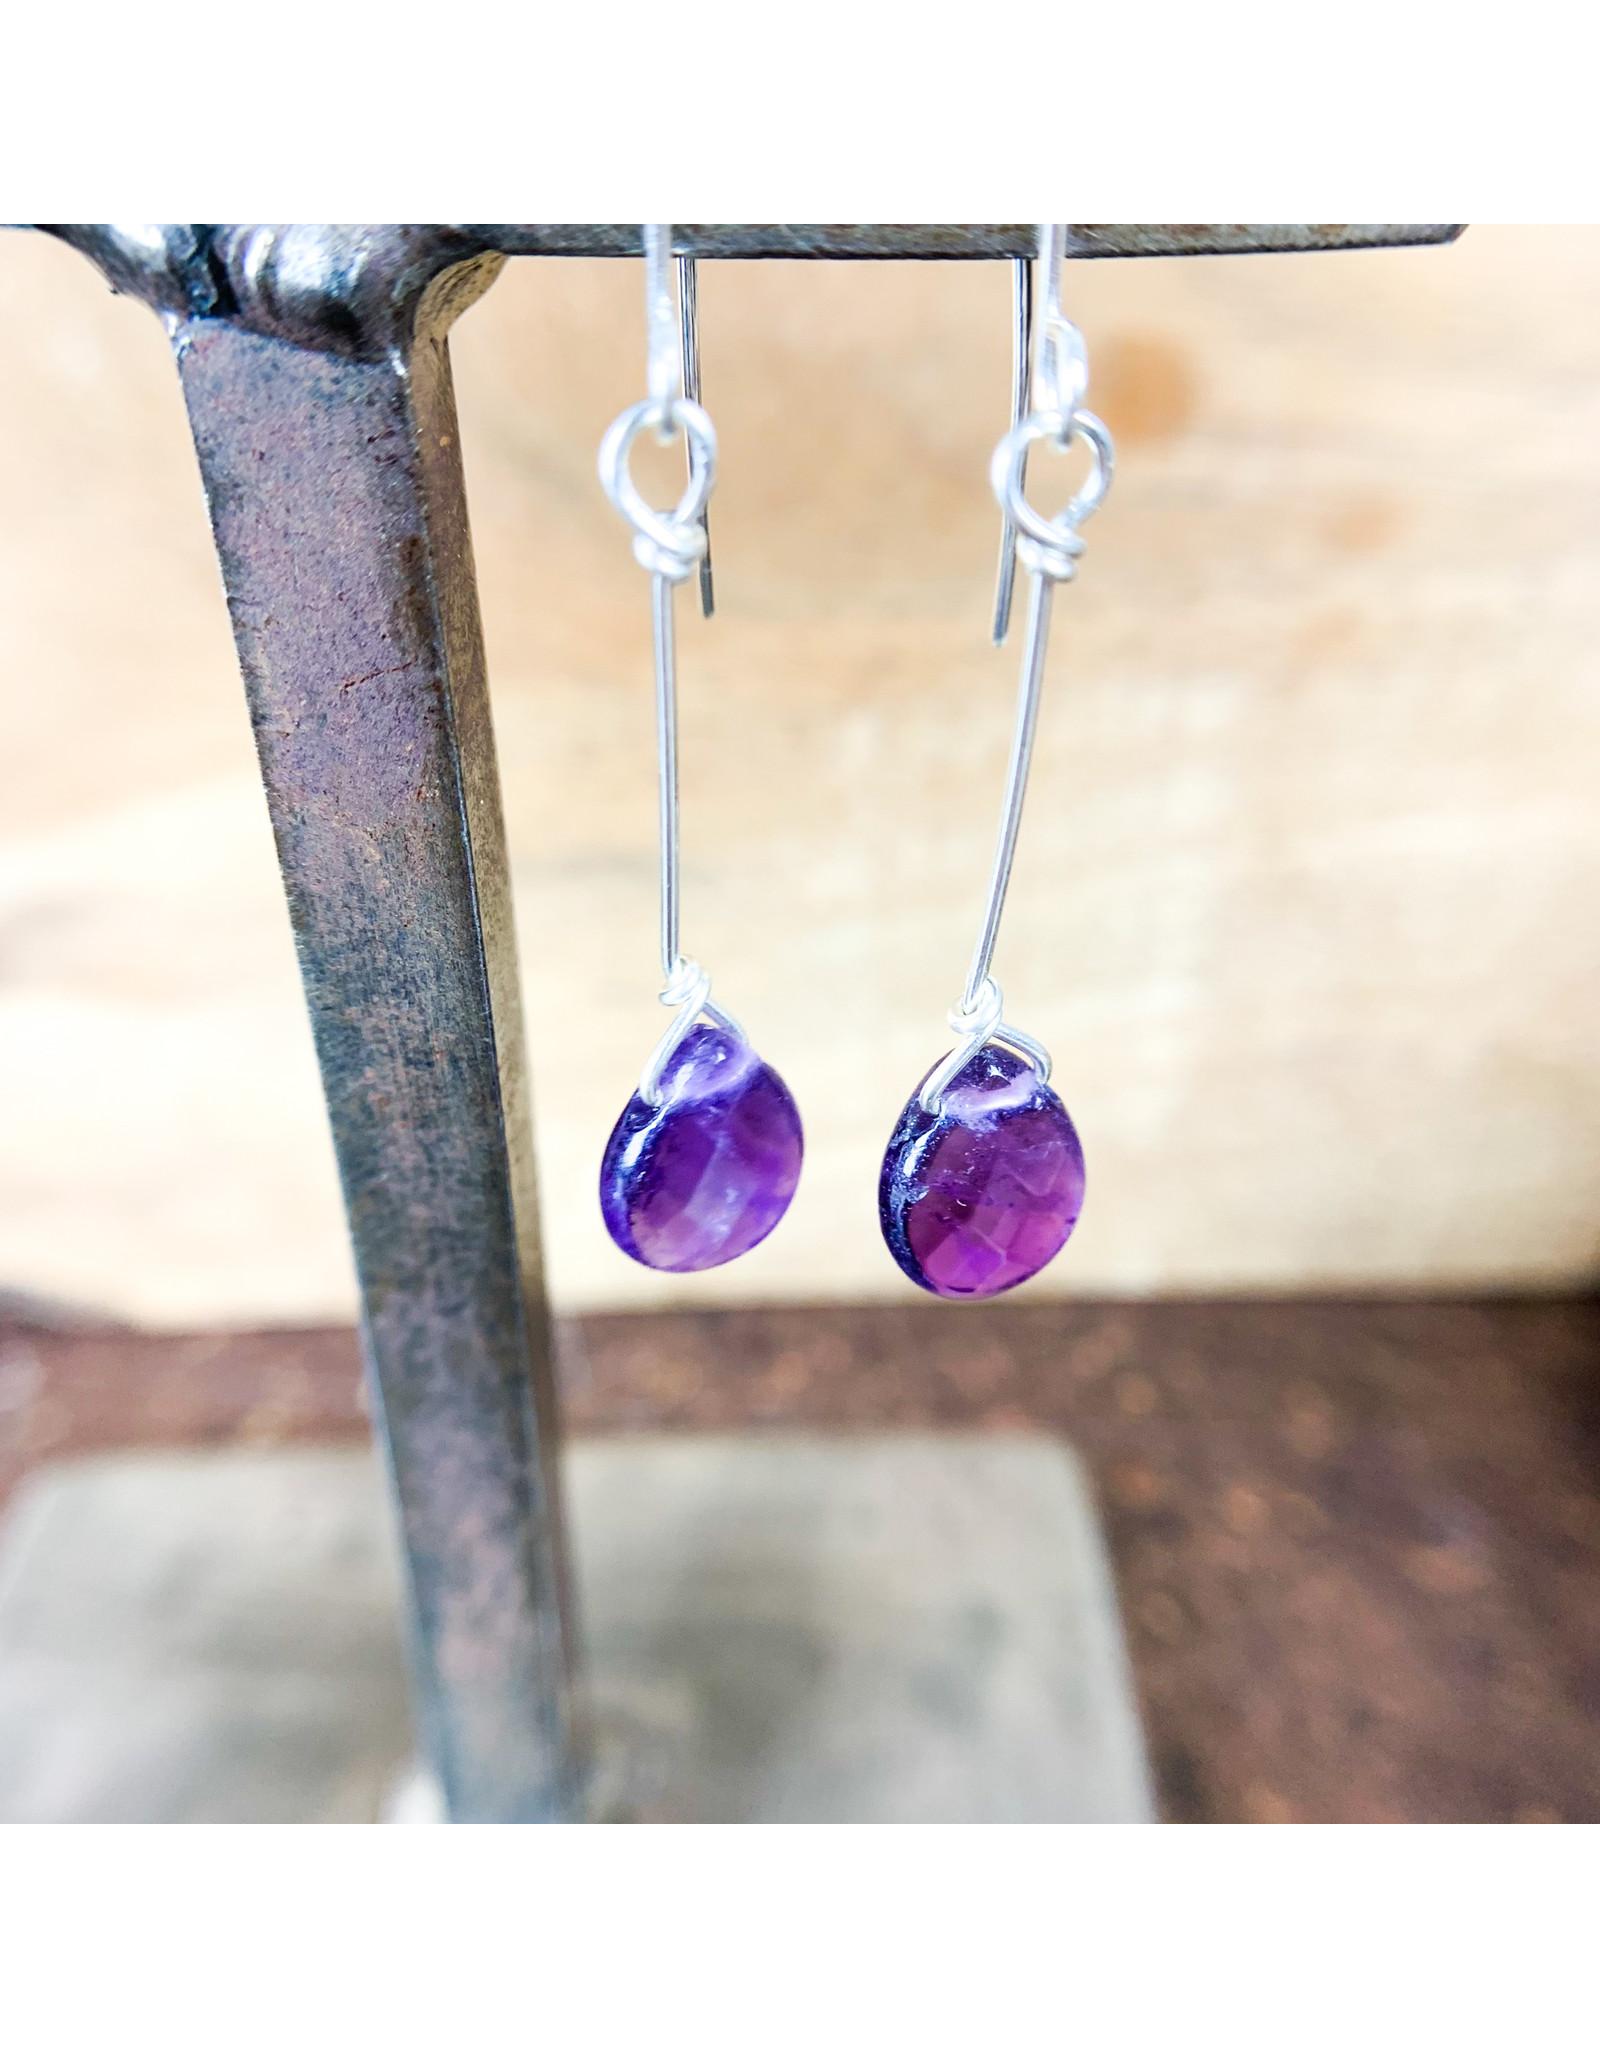 Amethyst Teardrop Earrings Silver - NC61